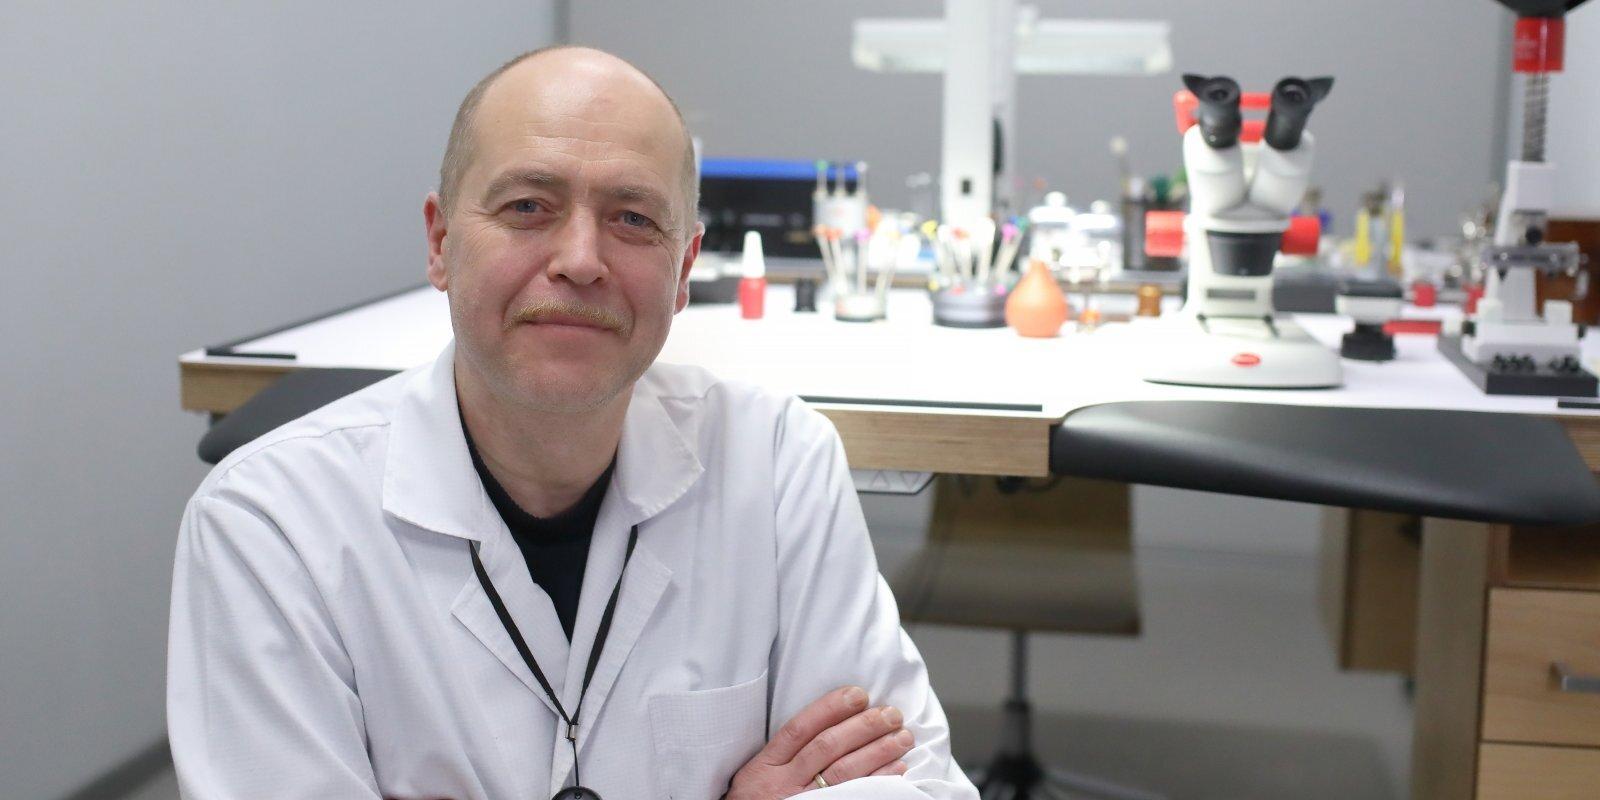 Pulksteņu ķirurgs jau vairāk nekā 40 gadus – Ervīns Undelis